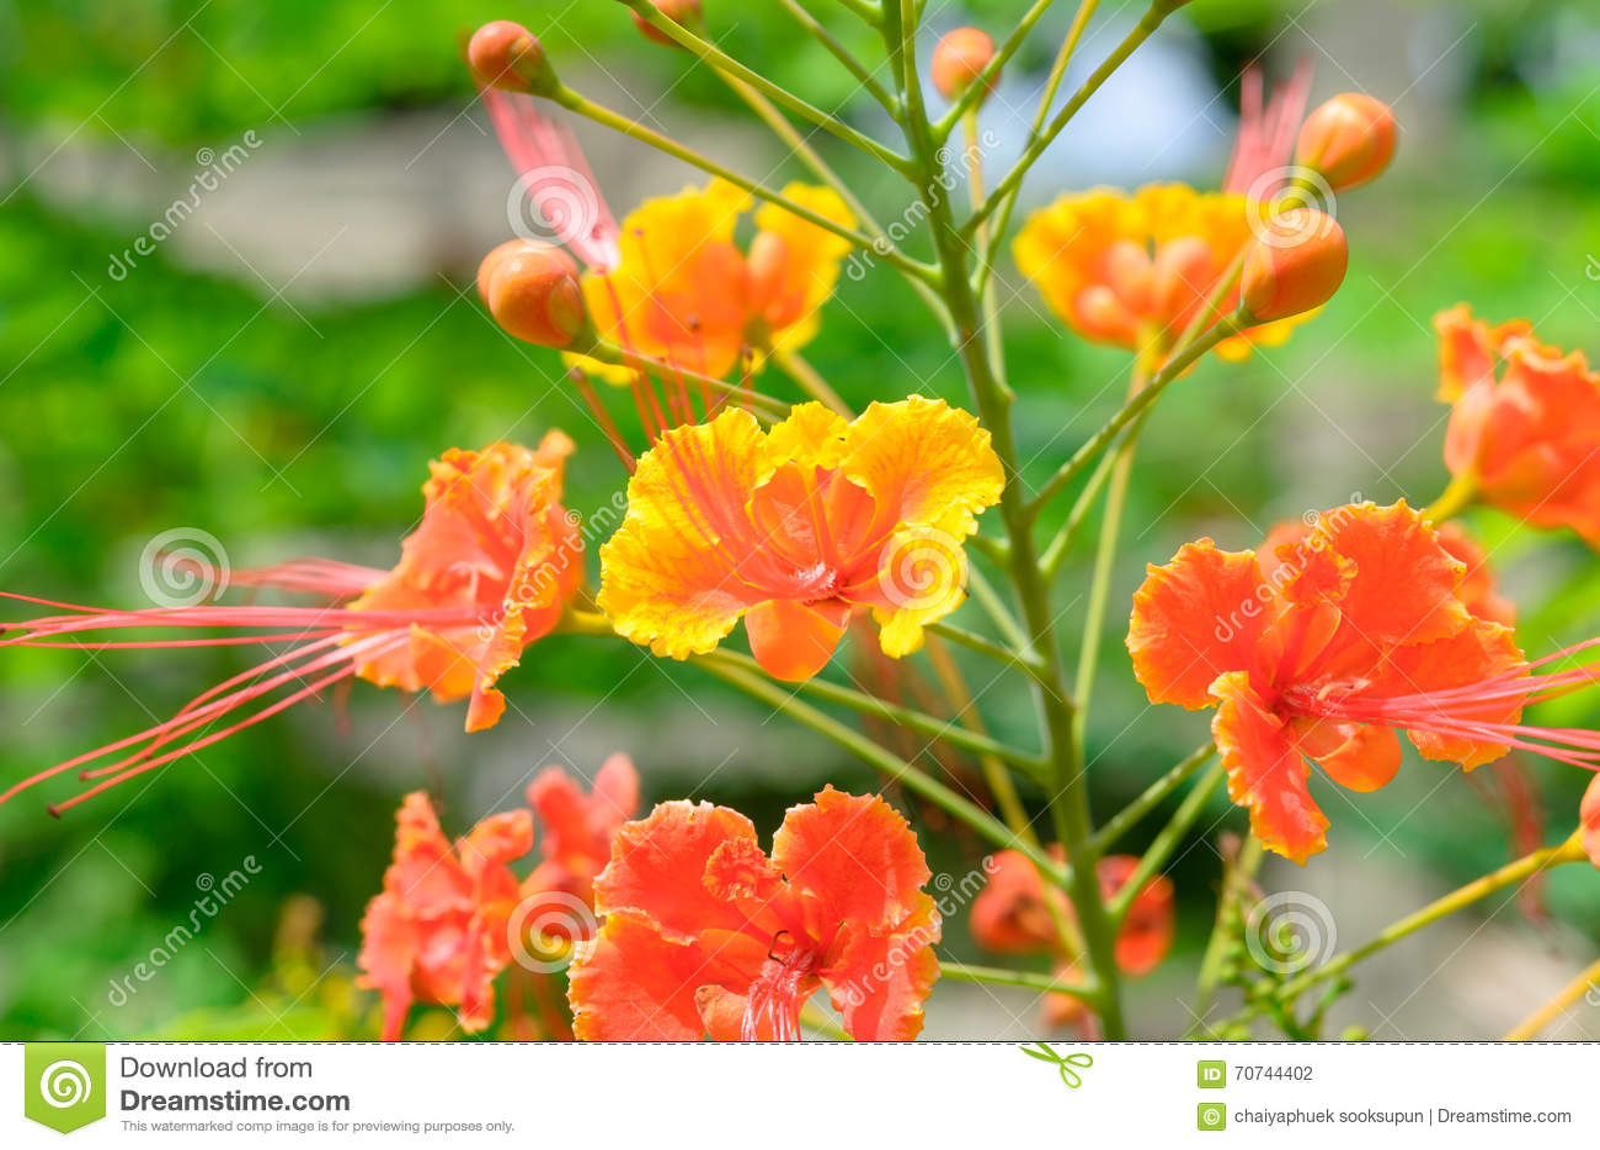 flores preciosas lindas de la cresta del pavo real foto de archivo